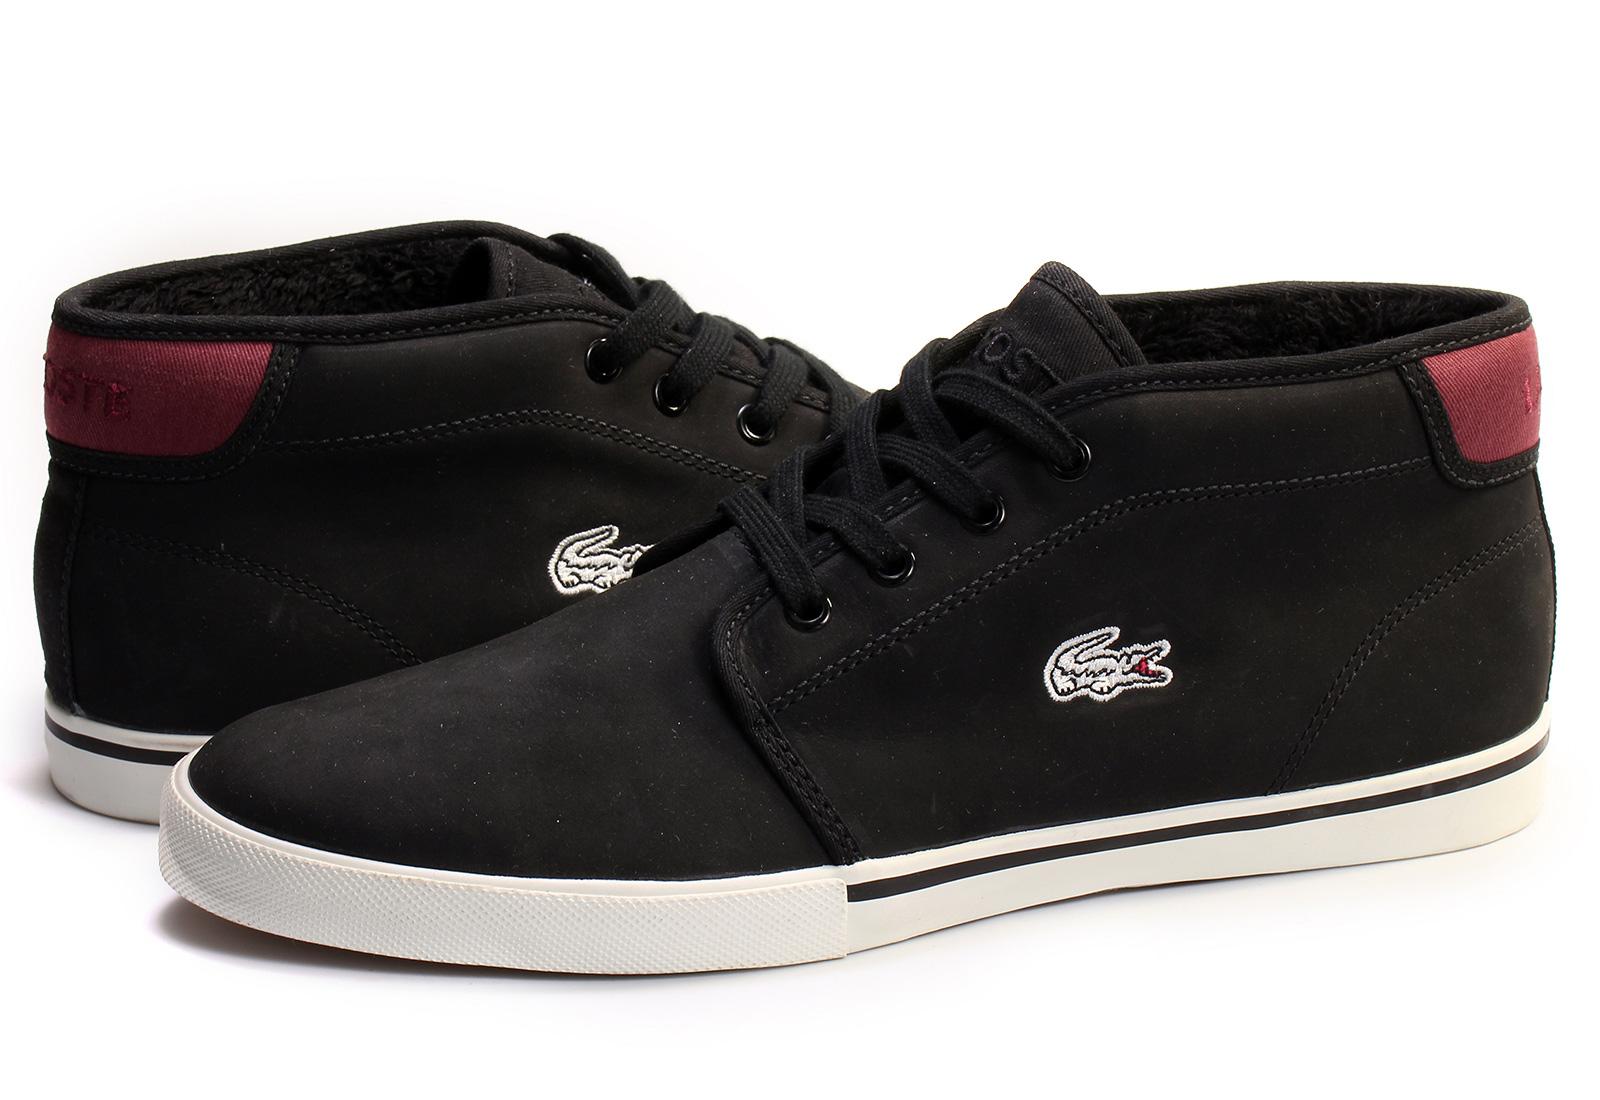 lacoste shoe thill nbk 133spm0014 2e9 shop